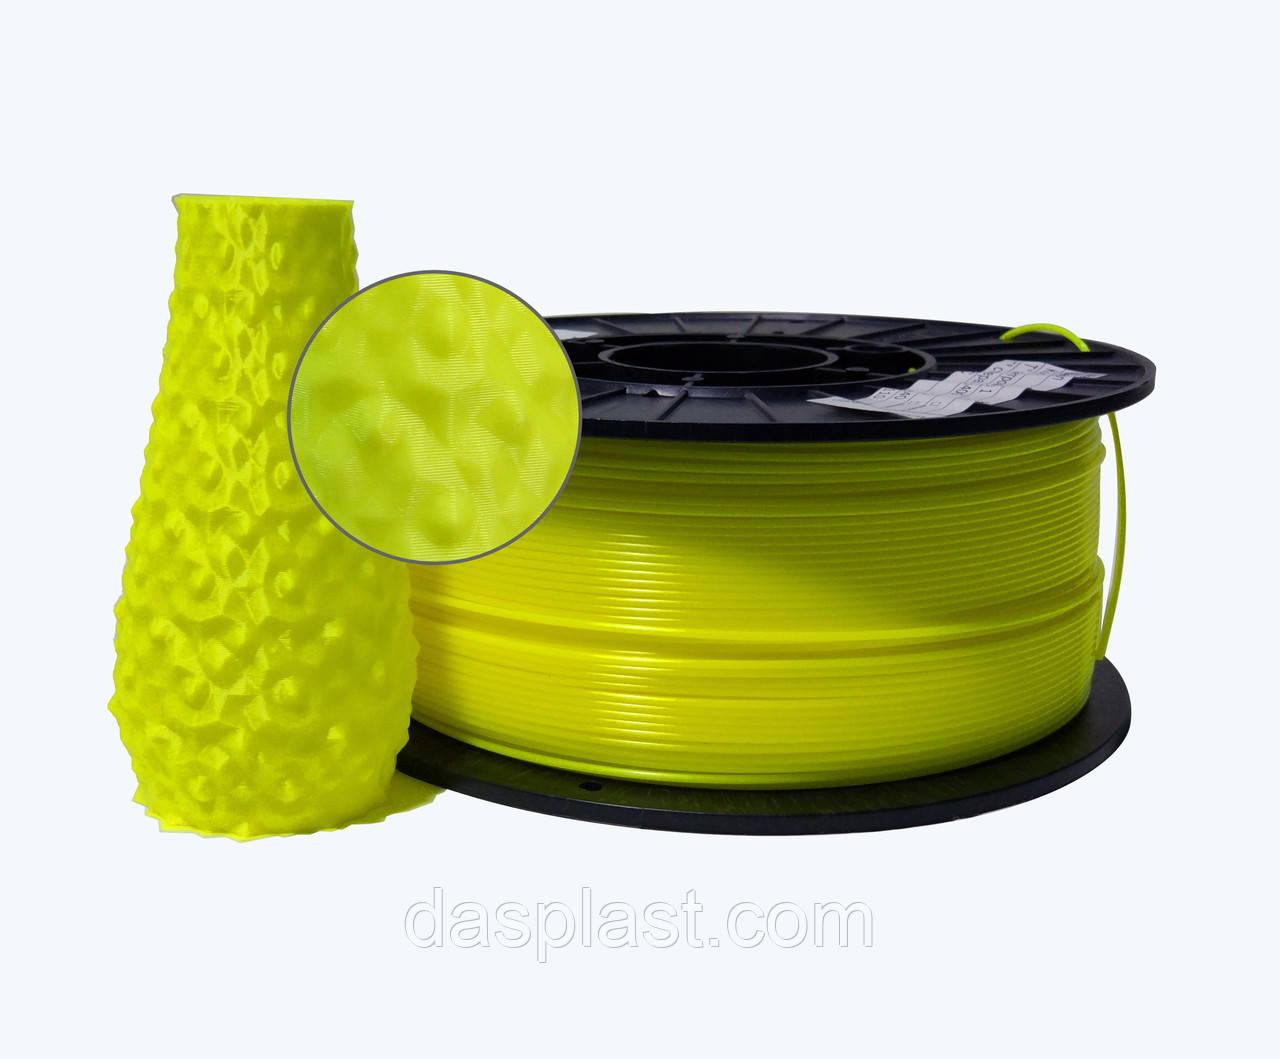 АБС пластик для 3d принтеров и ручек, лимонный неоновый